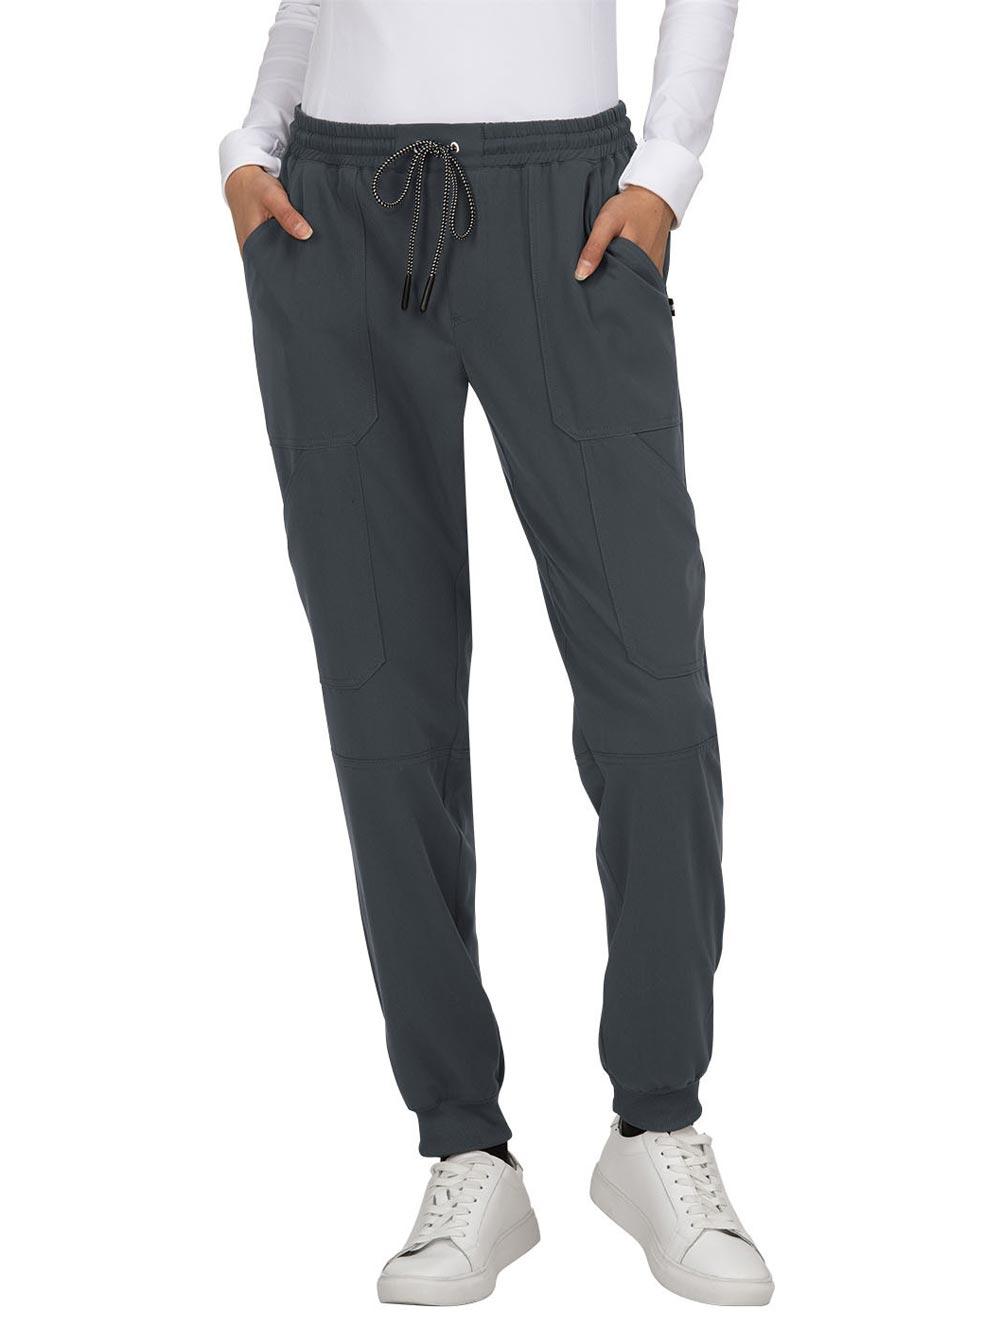 'Good Vibe' Pants